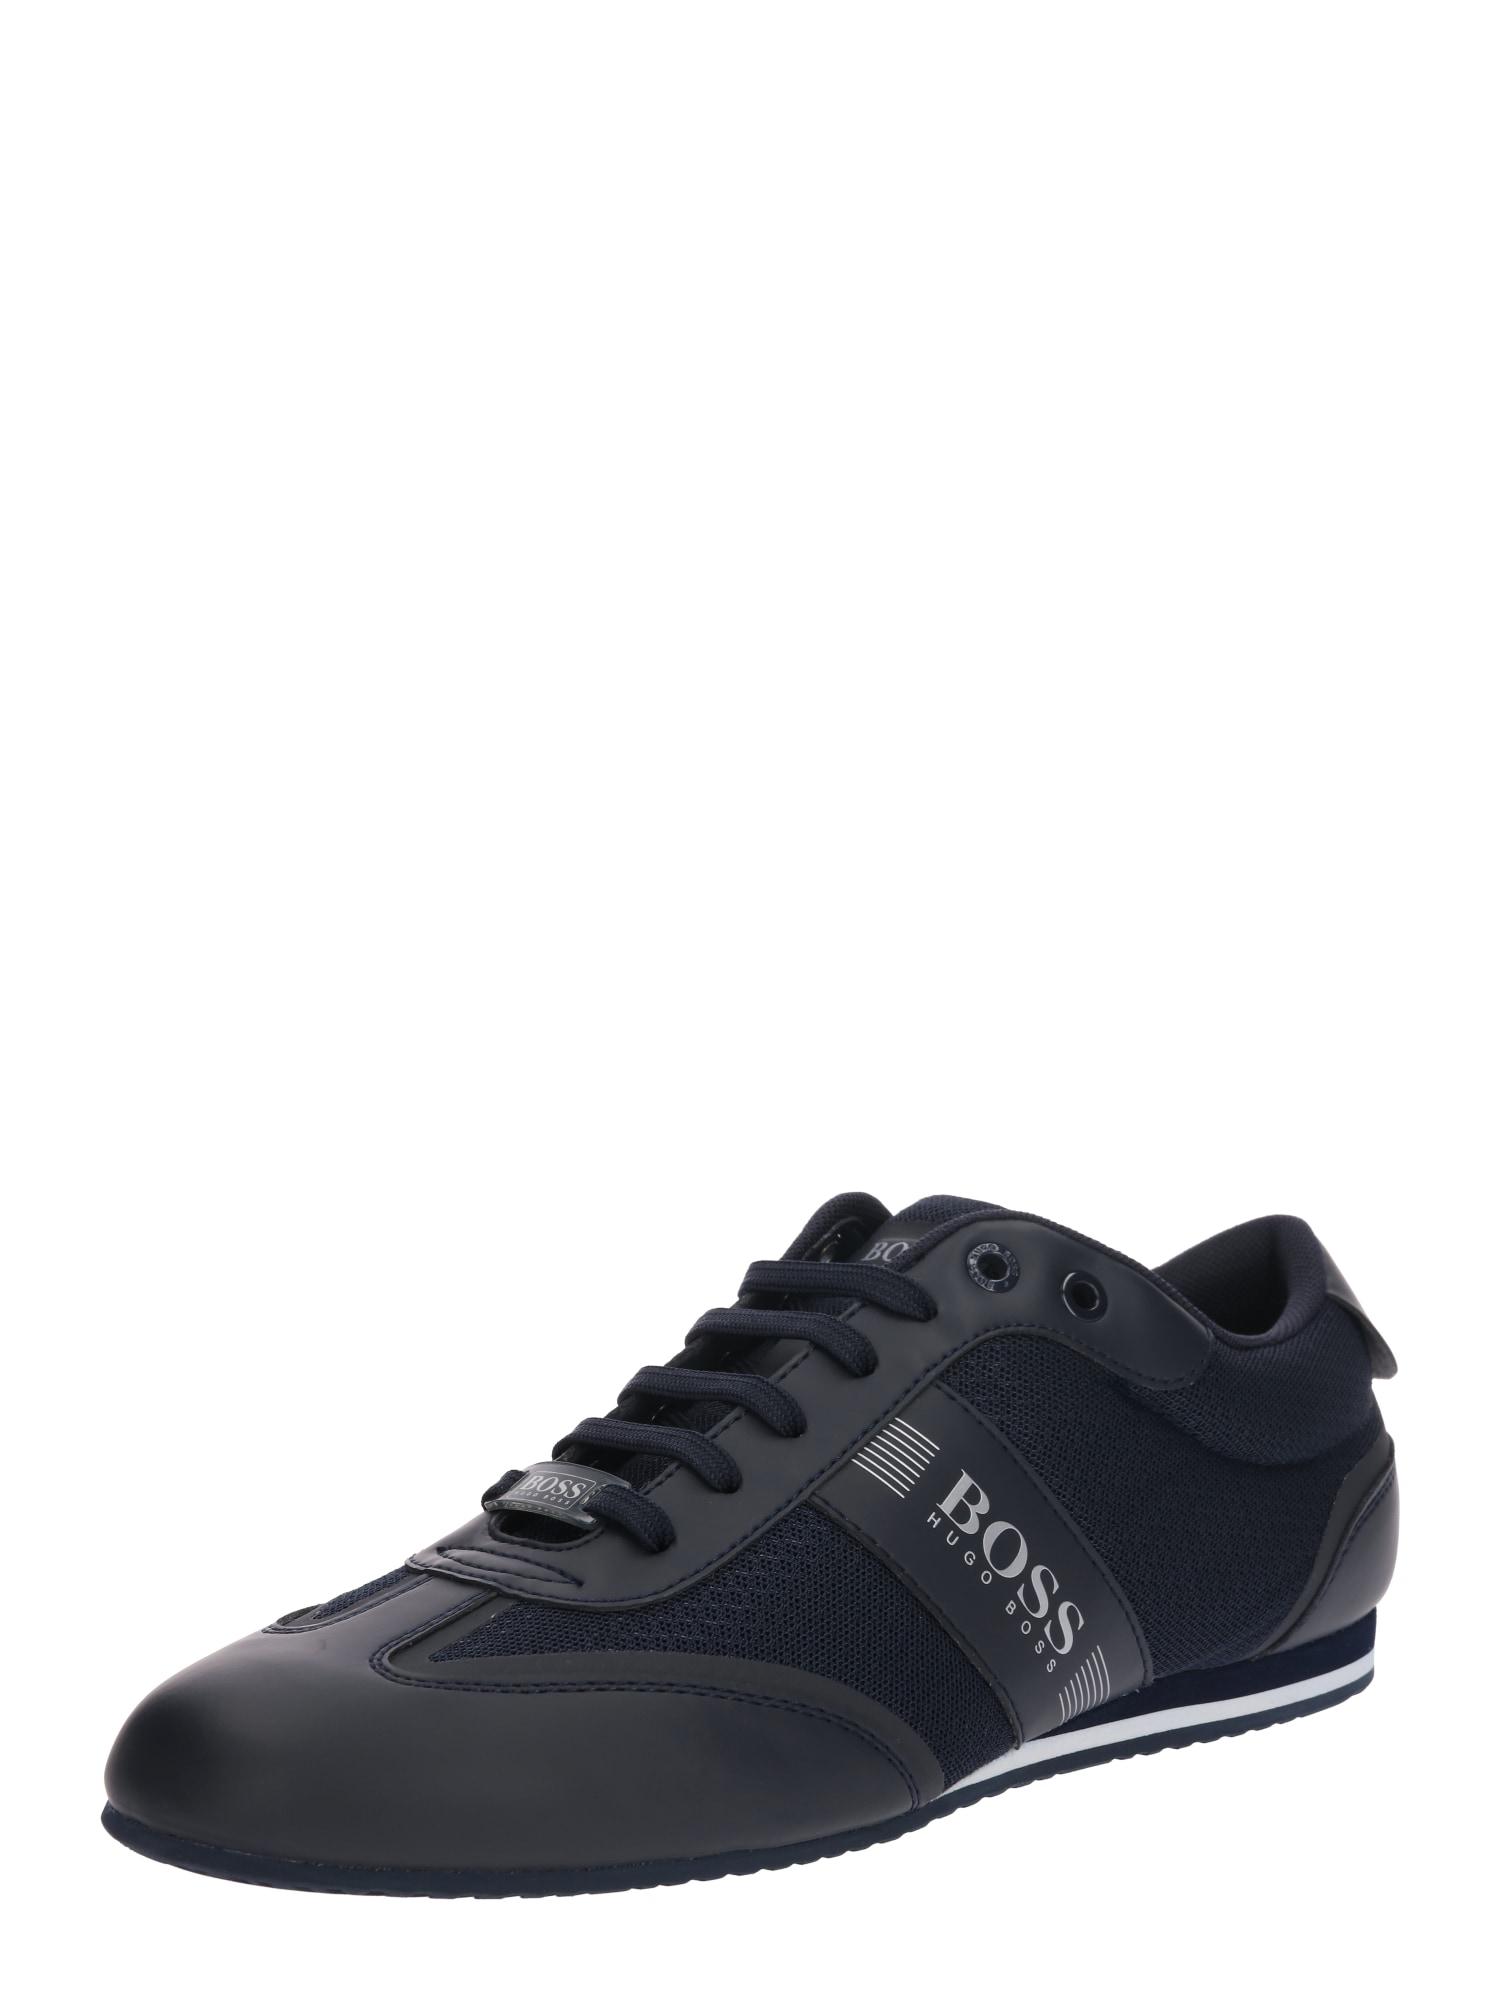 BOSS Sportinio stiliaus batai su raišteliais 'Lighter' nakties mėlyna